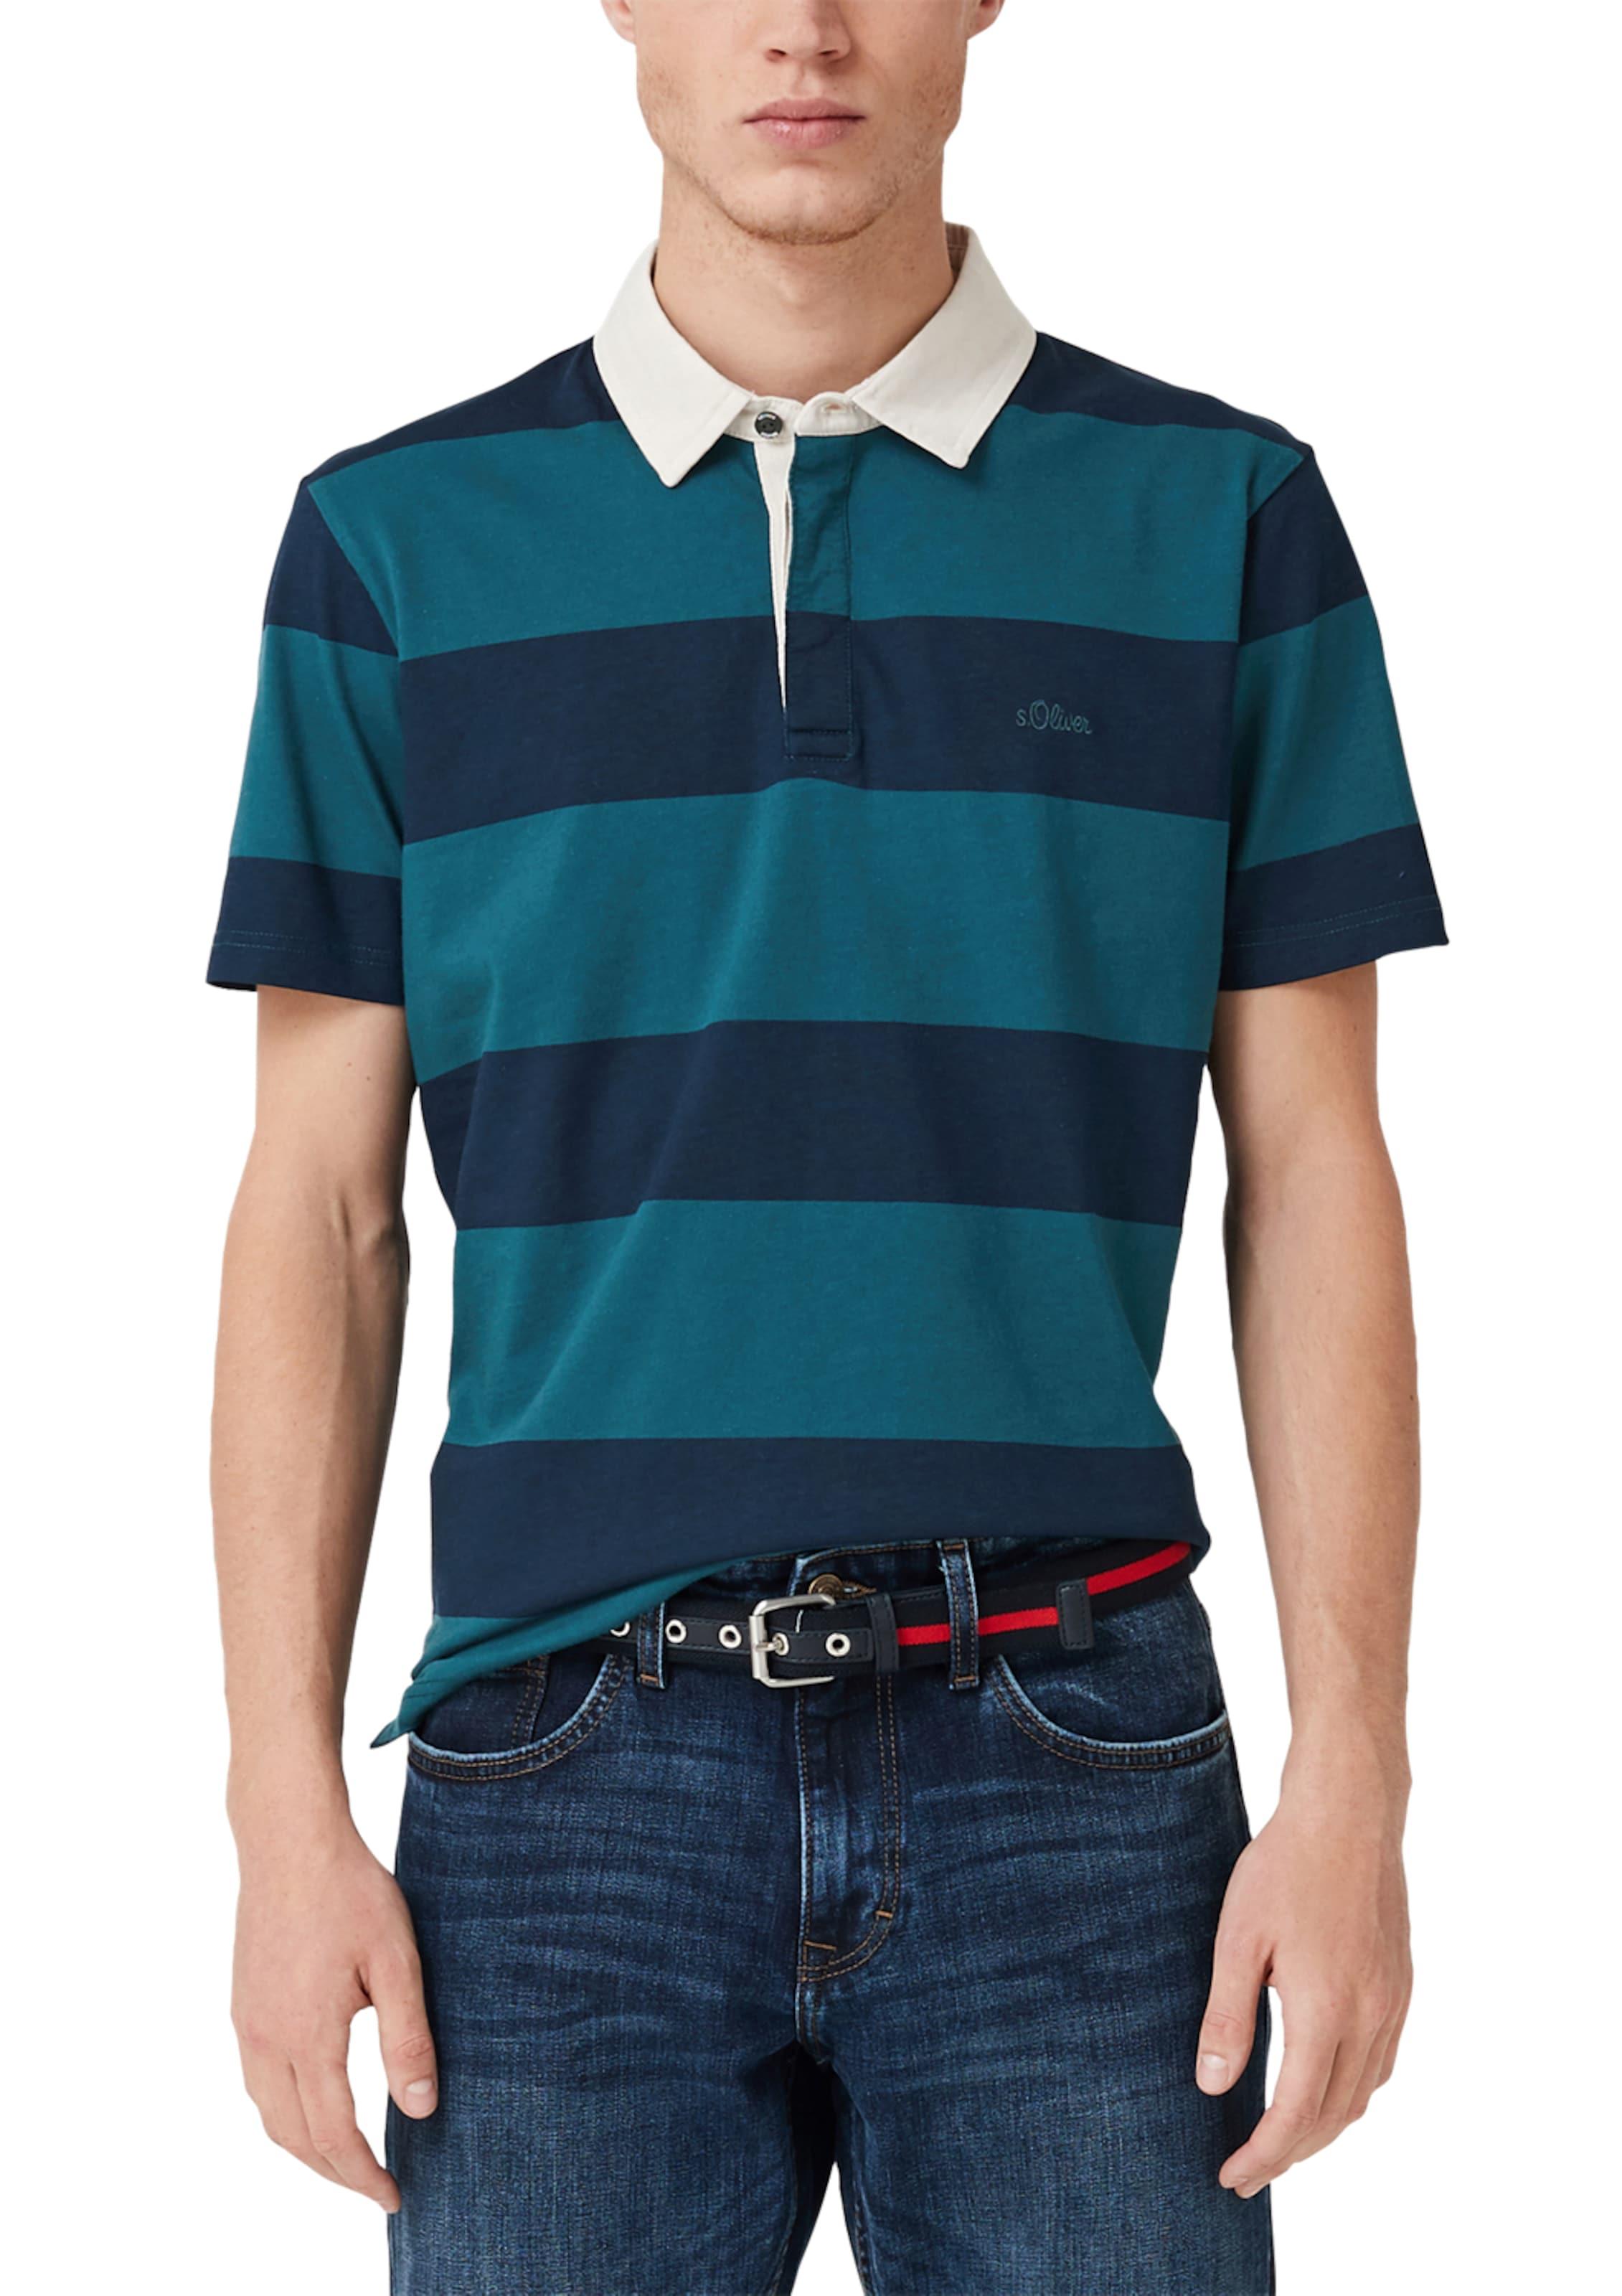 Red In Weiß Mit Blockstreifen Poloshirt BlauPetrol oliver Label S rdsxhBtQC